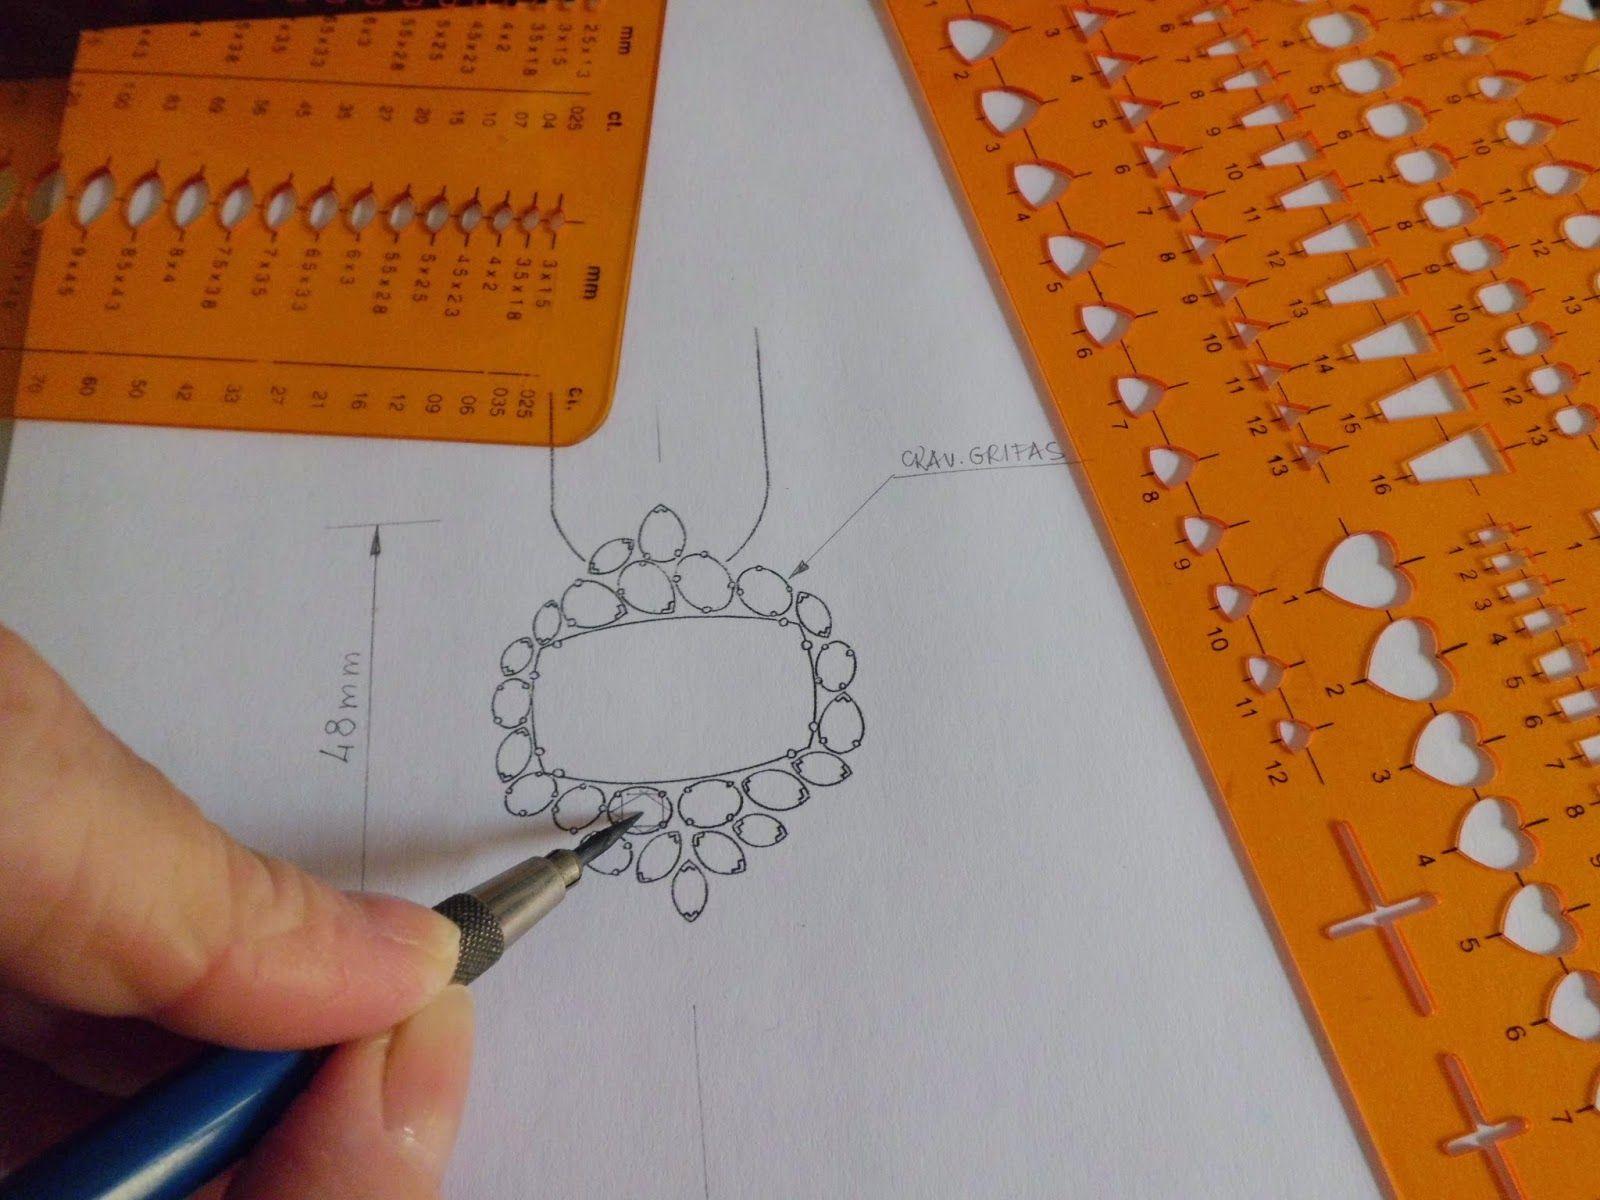 Populares Desenhando Joias: Formação em Design de Joias à Distância  XW32